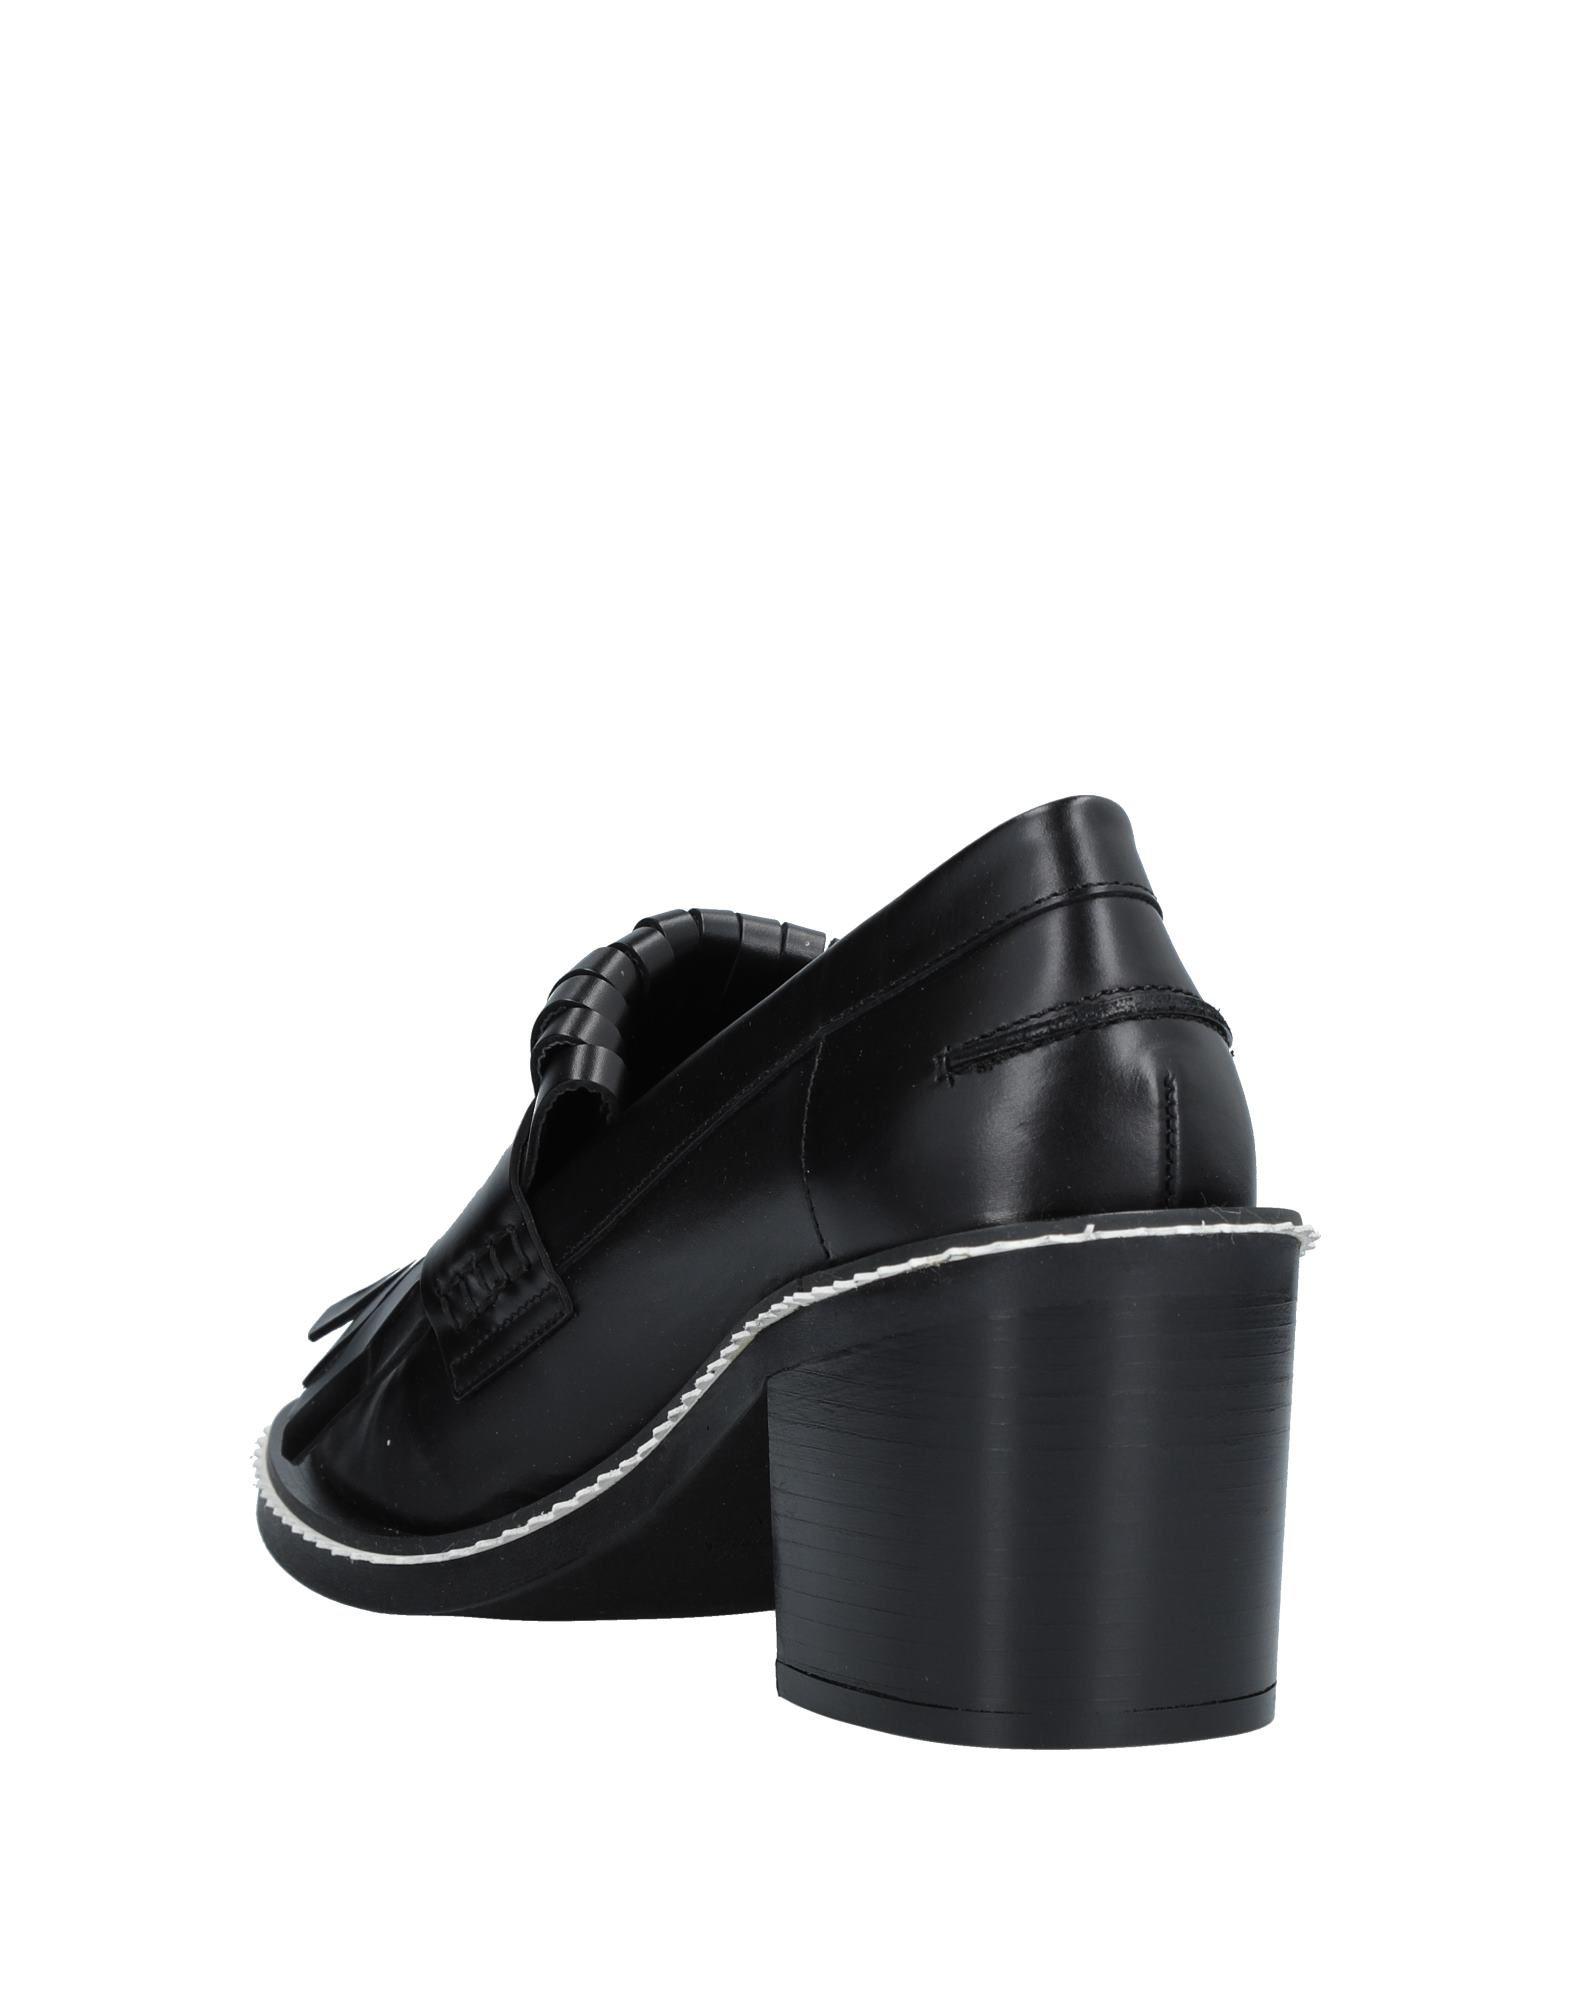 Gut um Mokassins billige Schuhe zu tragenPaloma Barceló Mokassins um Damen  11523127LT 71c433